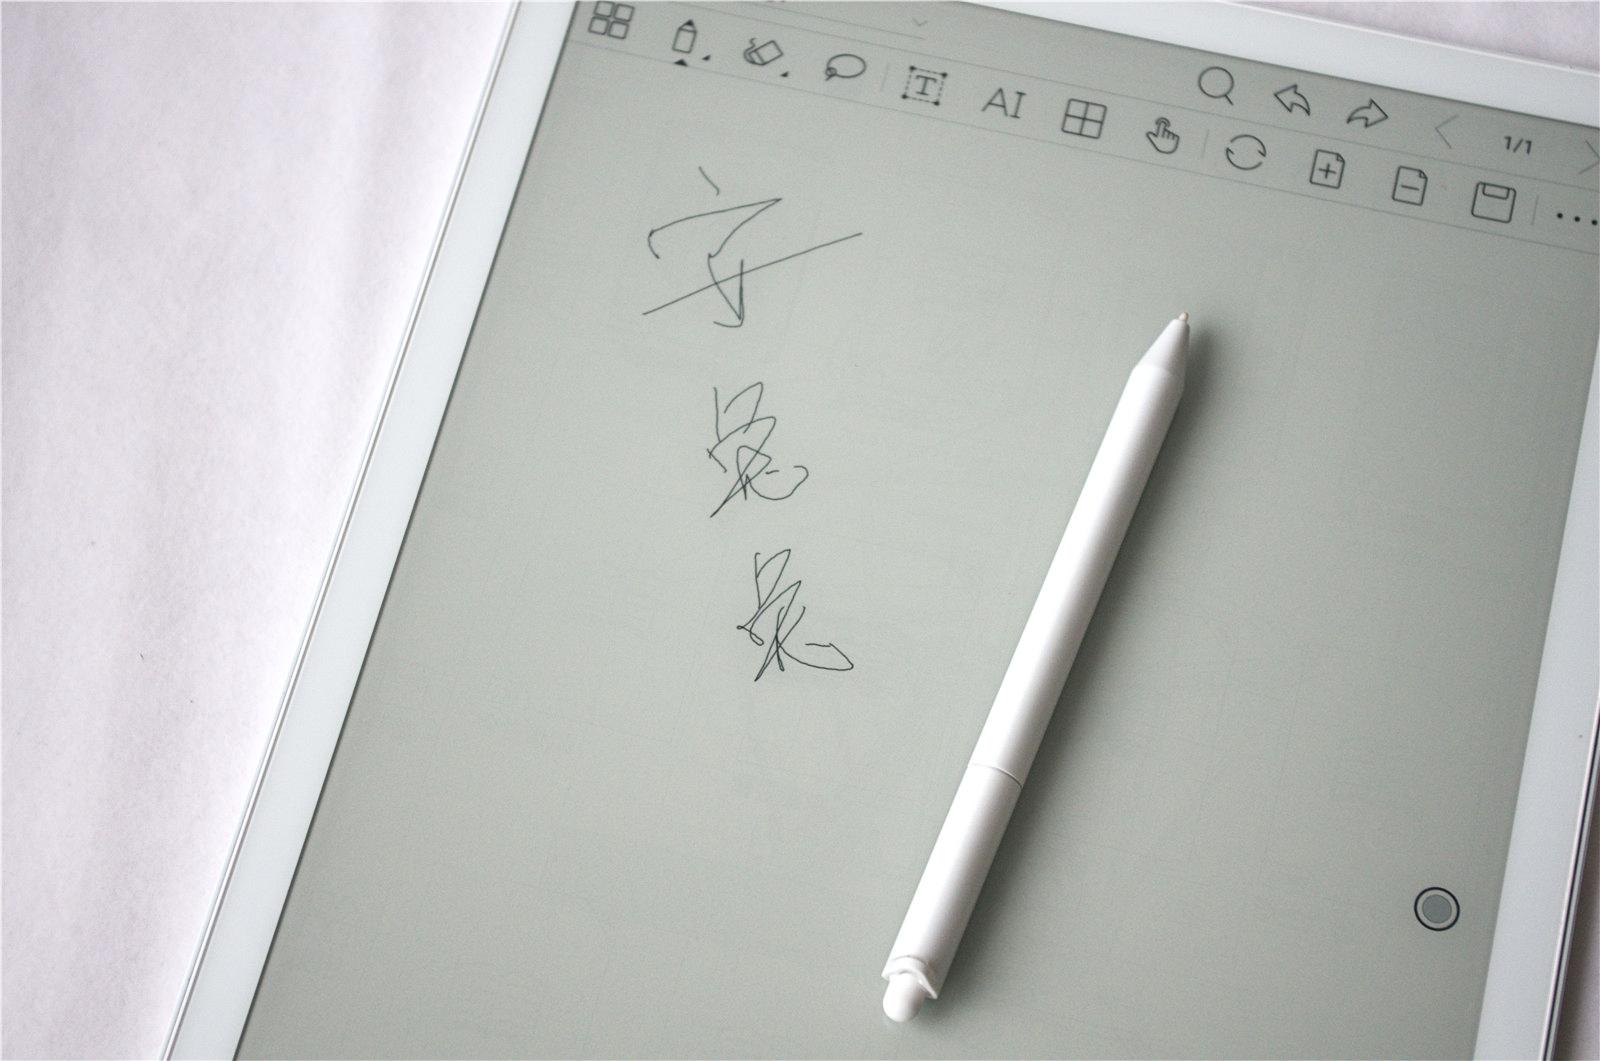 文石智能墨水平板评测:有了它 书本纸笔皆可弃